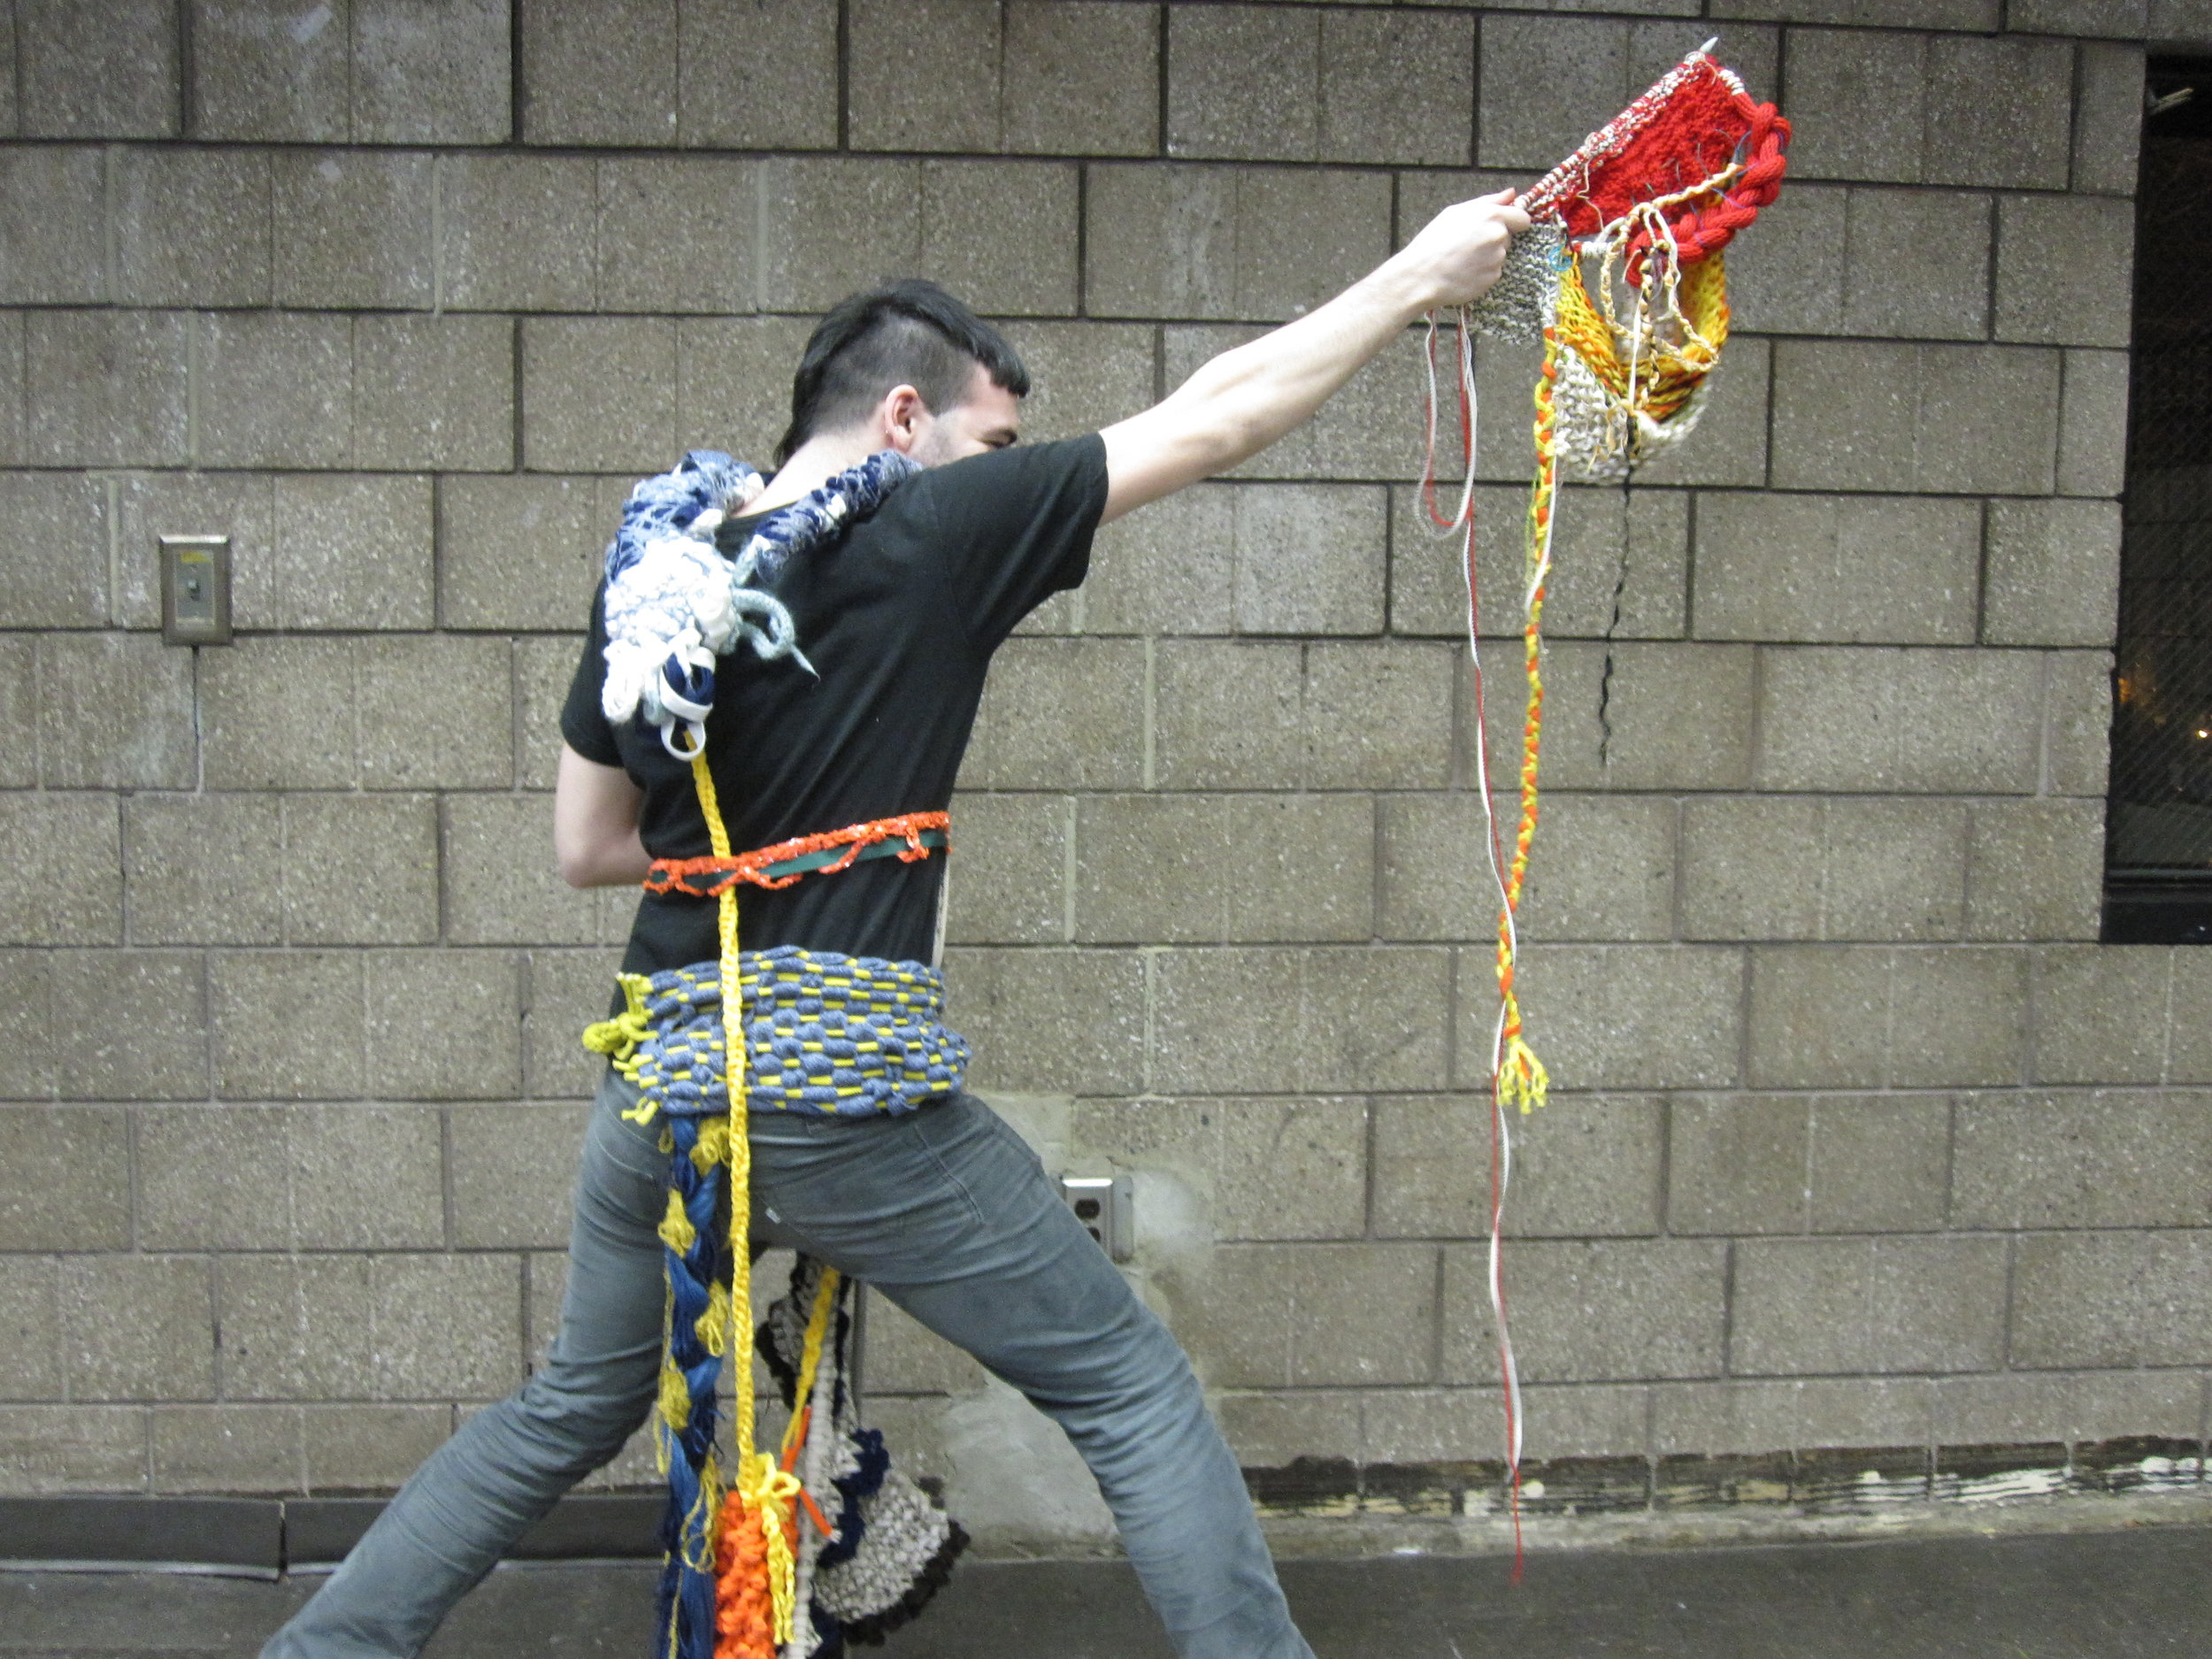 knittingmarathon10_4315252606_o.jpg